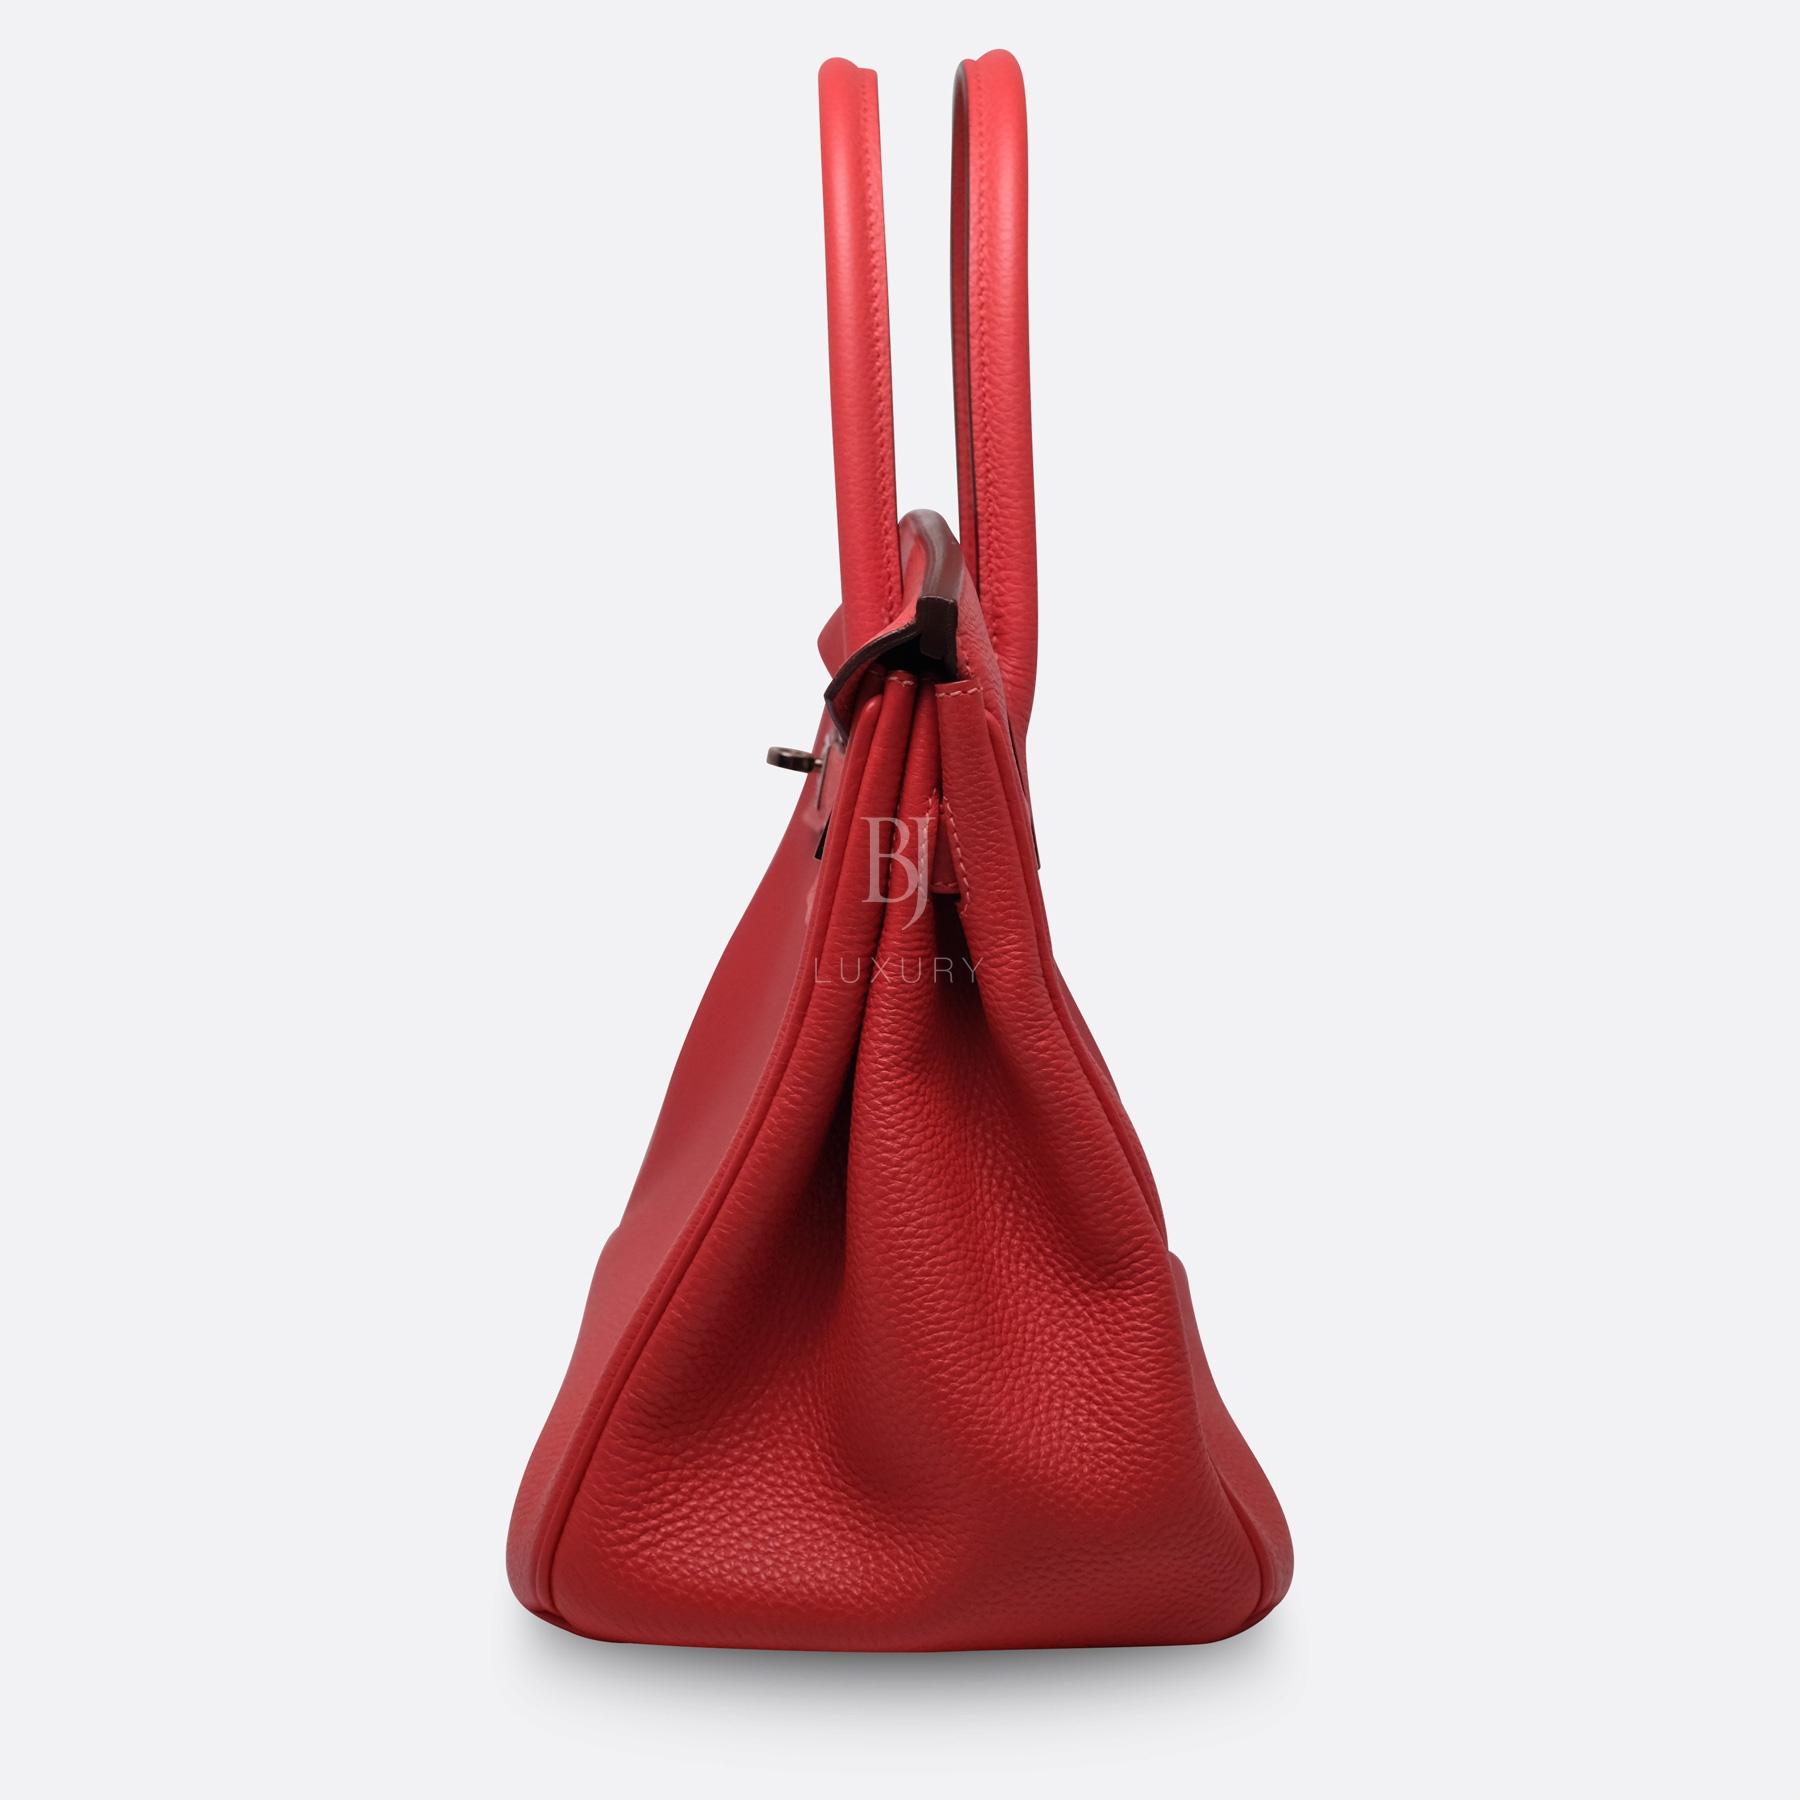 Hermes Birkin 30 Rougue Pivoine Togo Palladium BJ Luxury 14.jpg